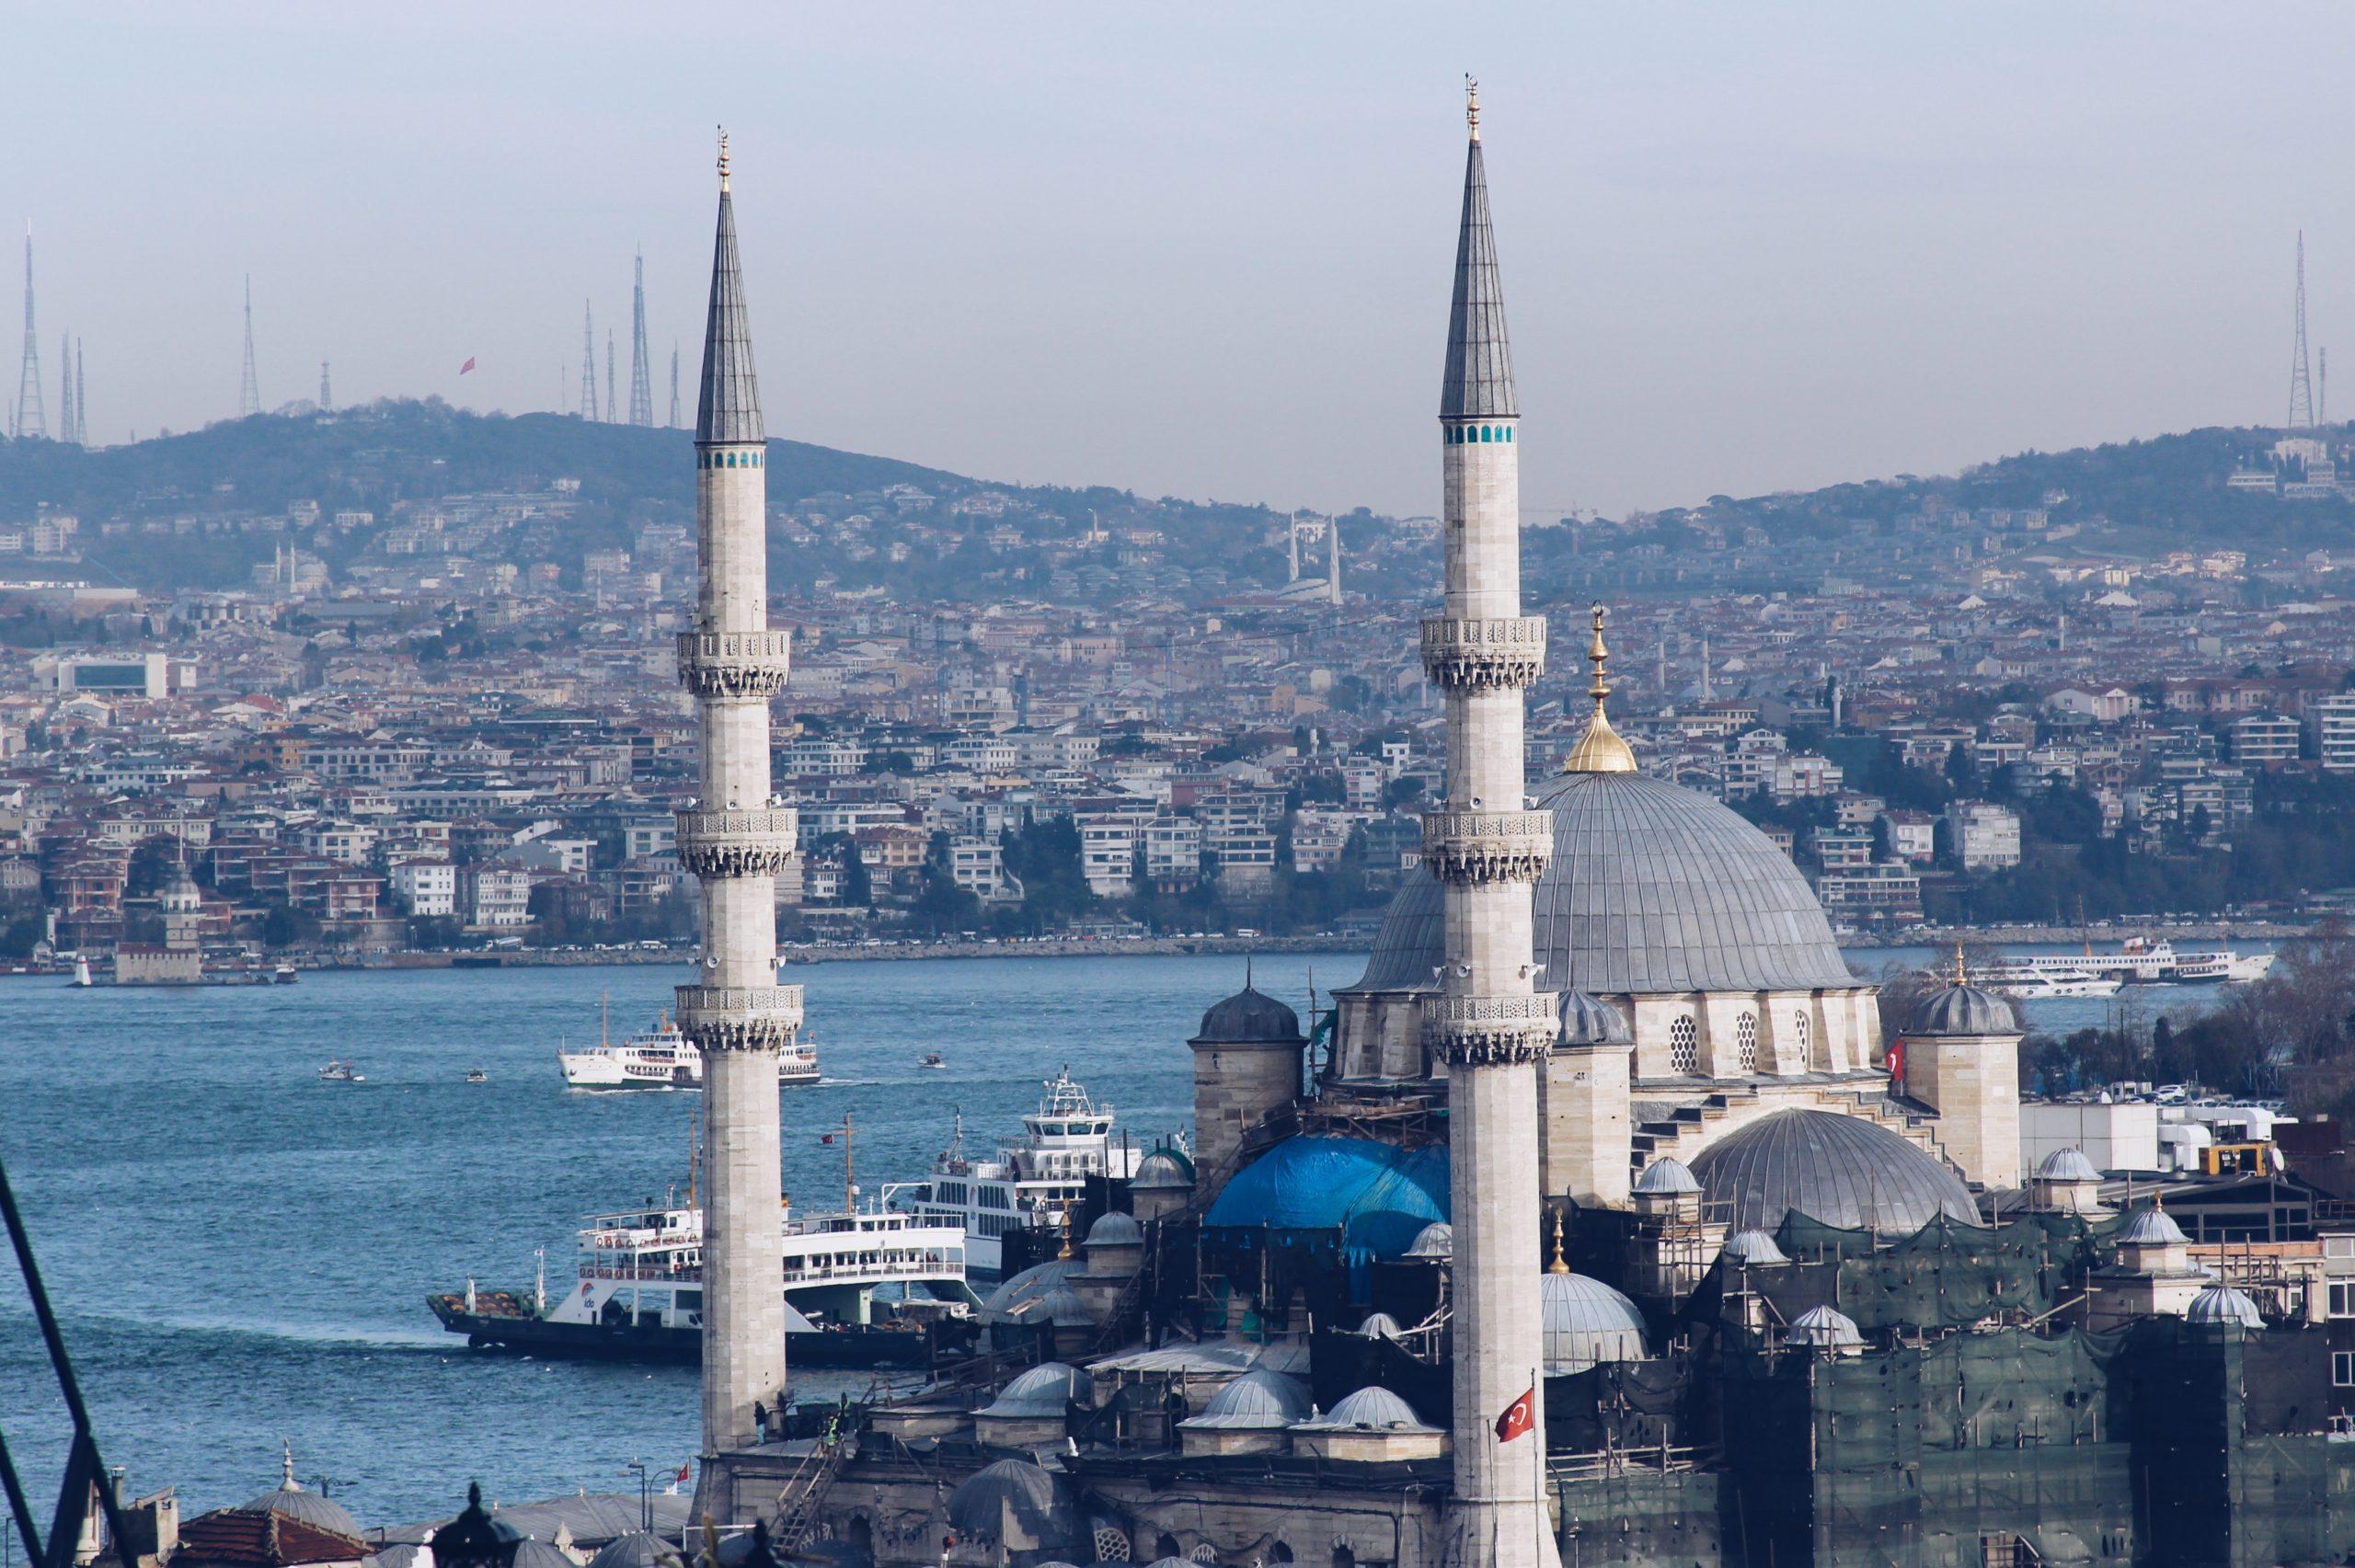 Ερντογάν: Το καλοκαίρι ξεκινούν τα πρώτα έργα για τη Διώρυγα της Κωνσταντινούπολης